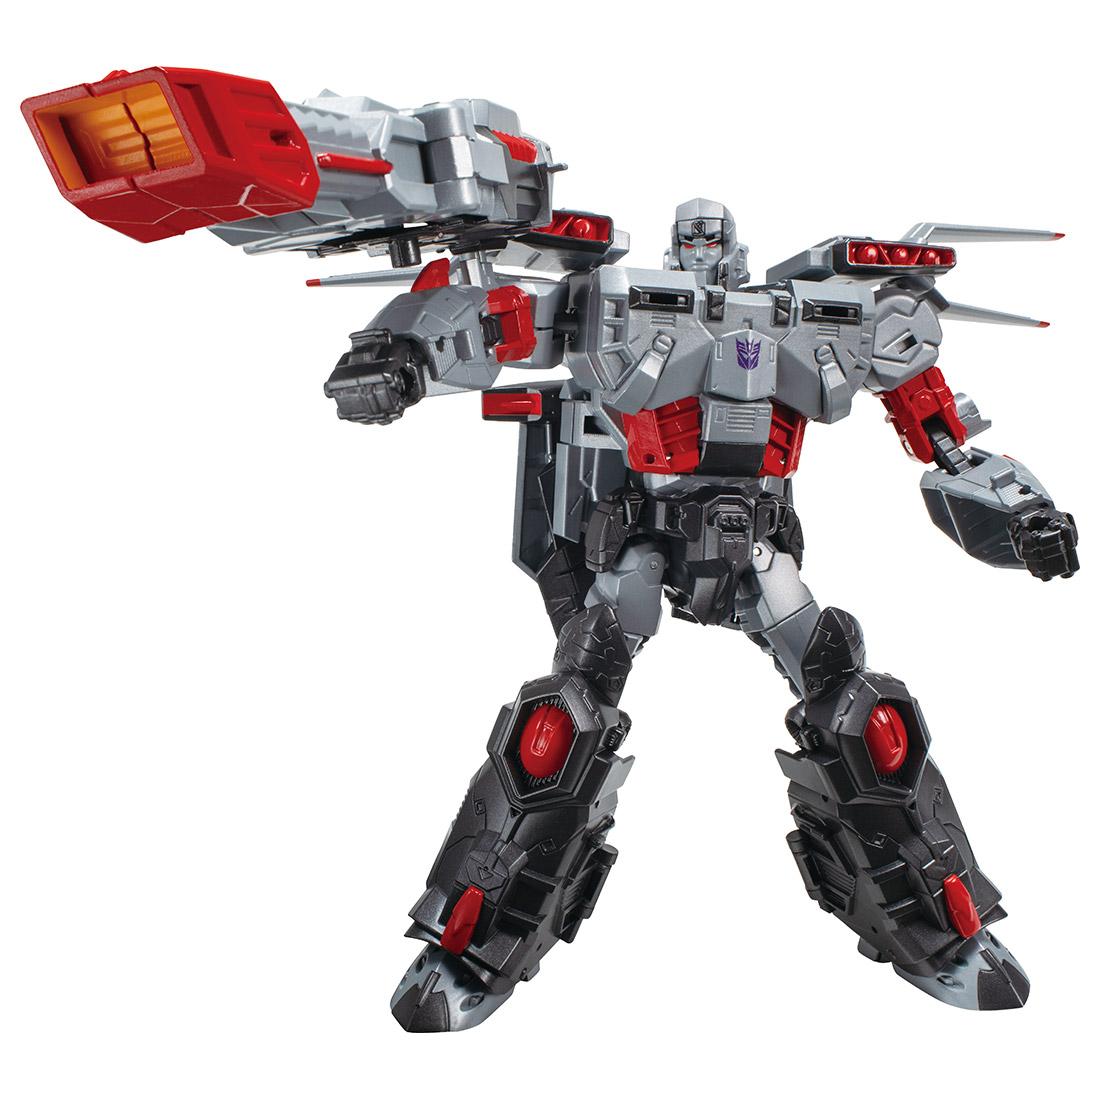 【限定販売】トランスフォーマー GENERATION SELECTS『スーパーメガトロン』可変可動フィギュア-001